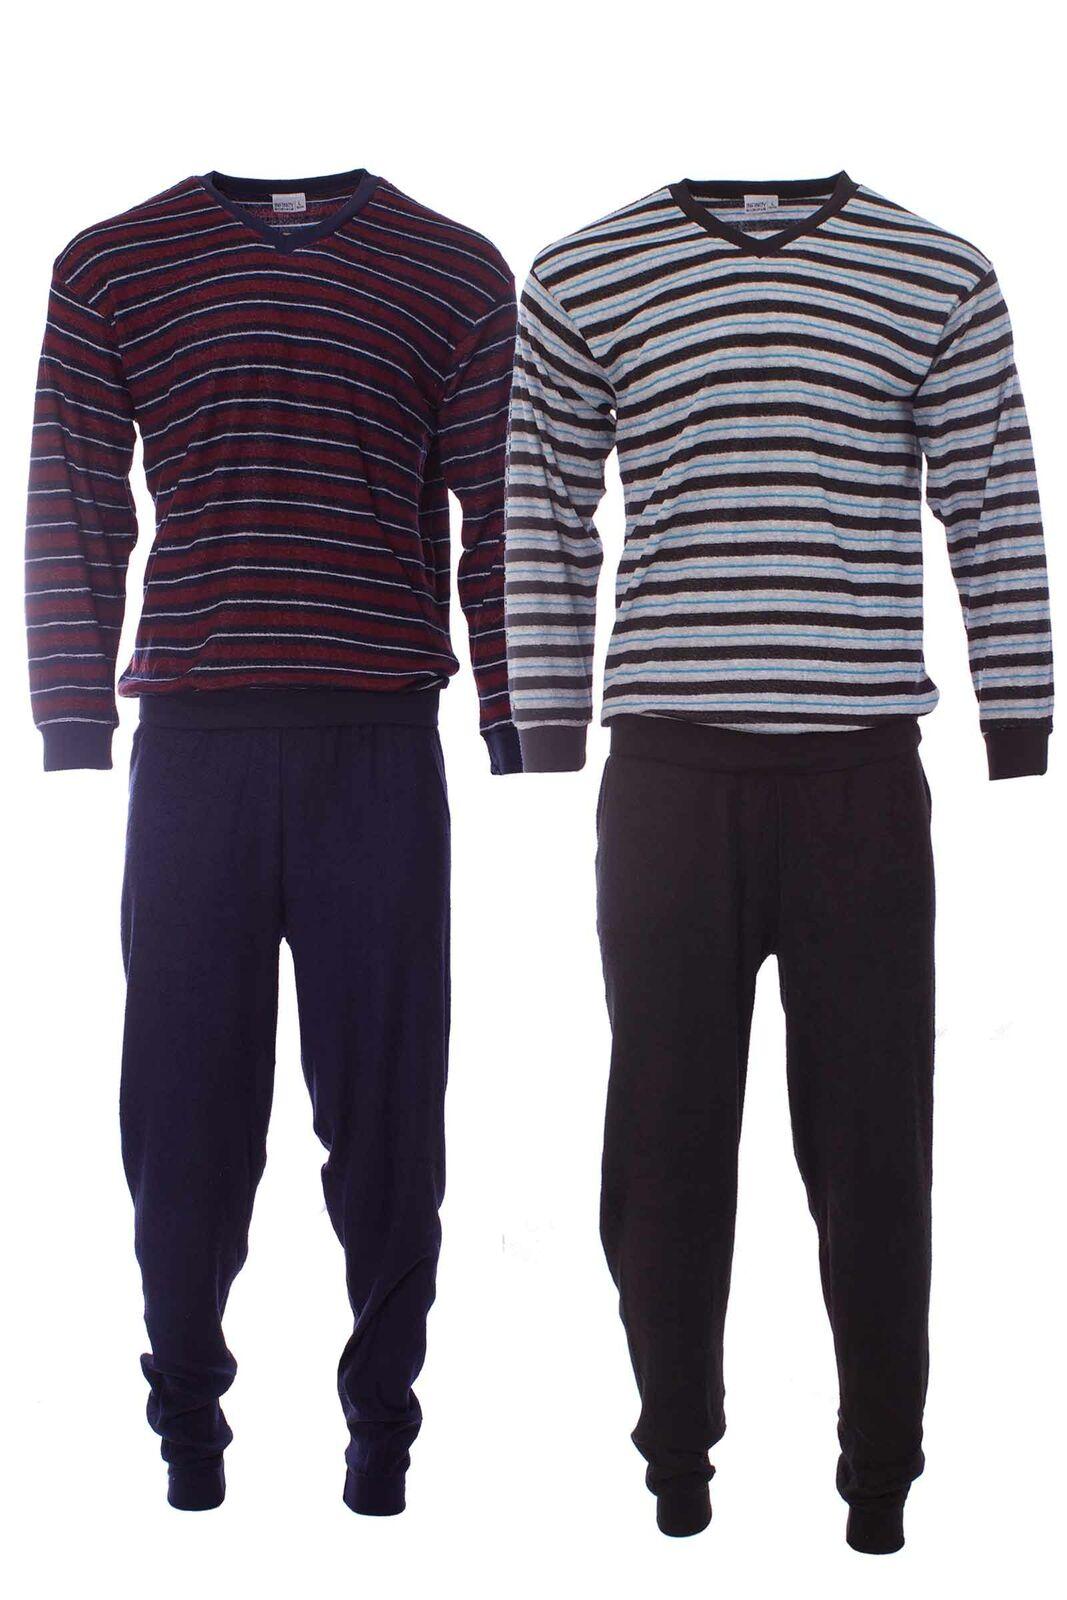 Herren Infinity Man Frottee Pyjama Schlafanzug Langarm Oberteil + lange Hose NEU